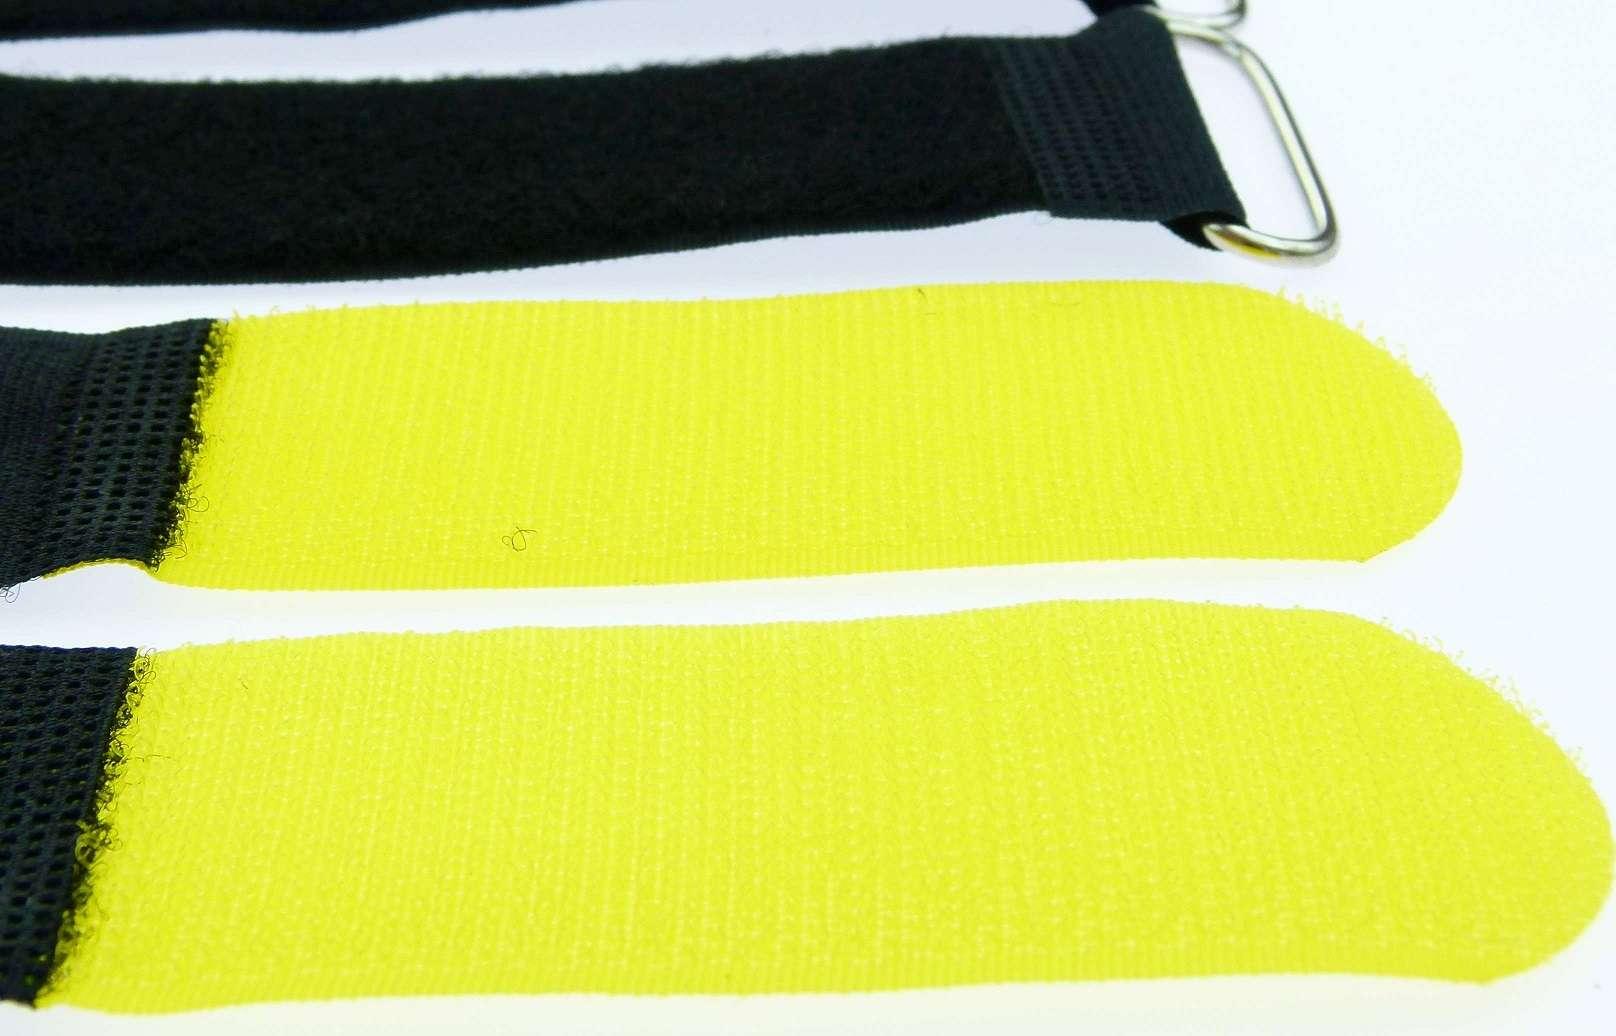 50 Kabelbinder Klettverschluss 80 cm x 50 mm gelb Klettband Klettkabelbinder Öse